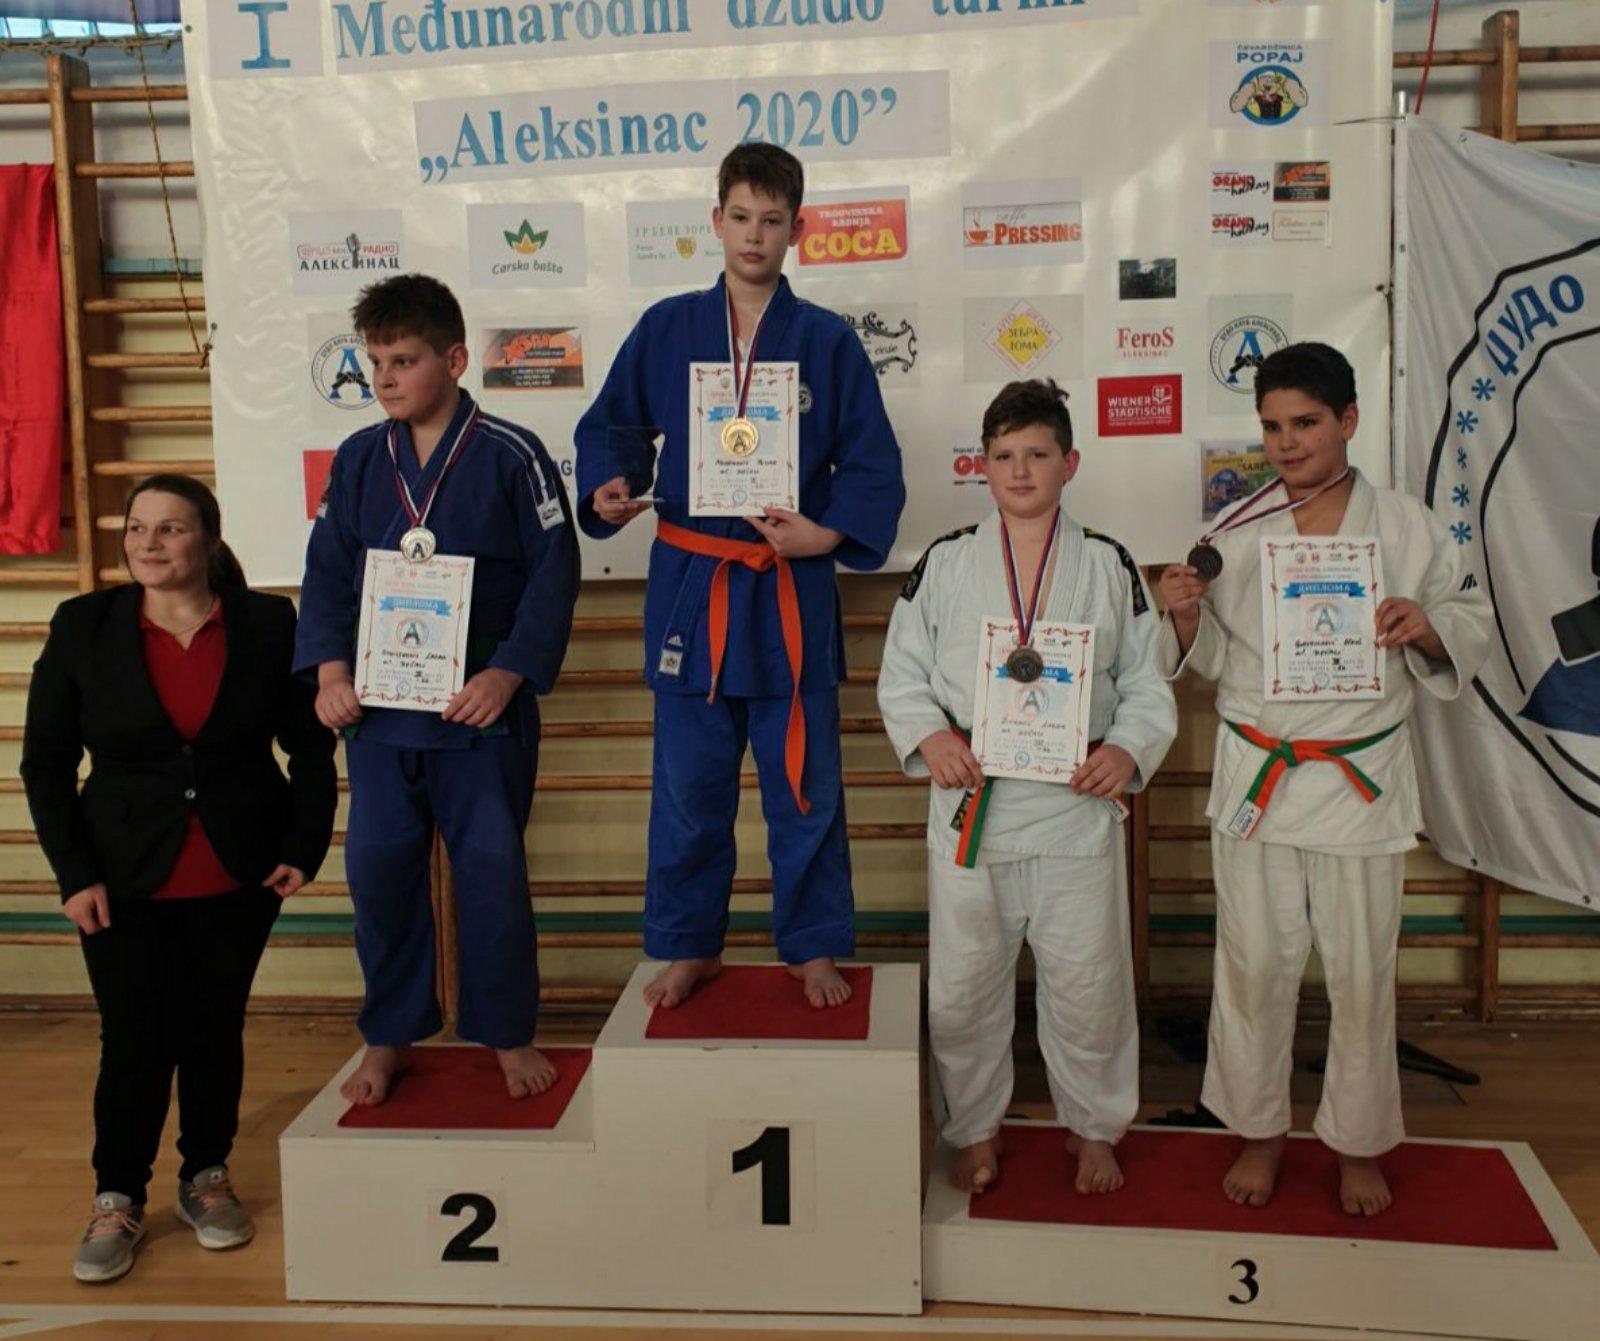 Akademija Jočić medalje